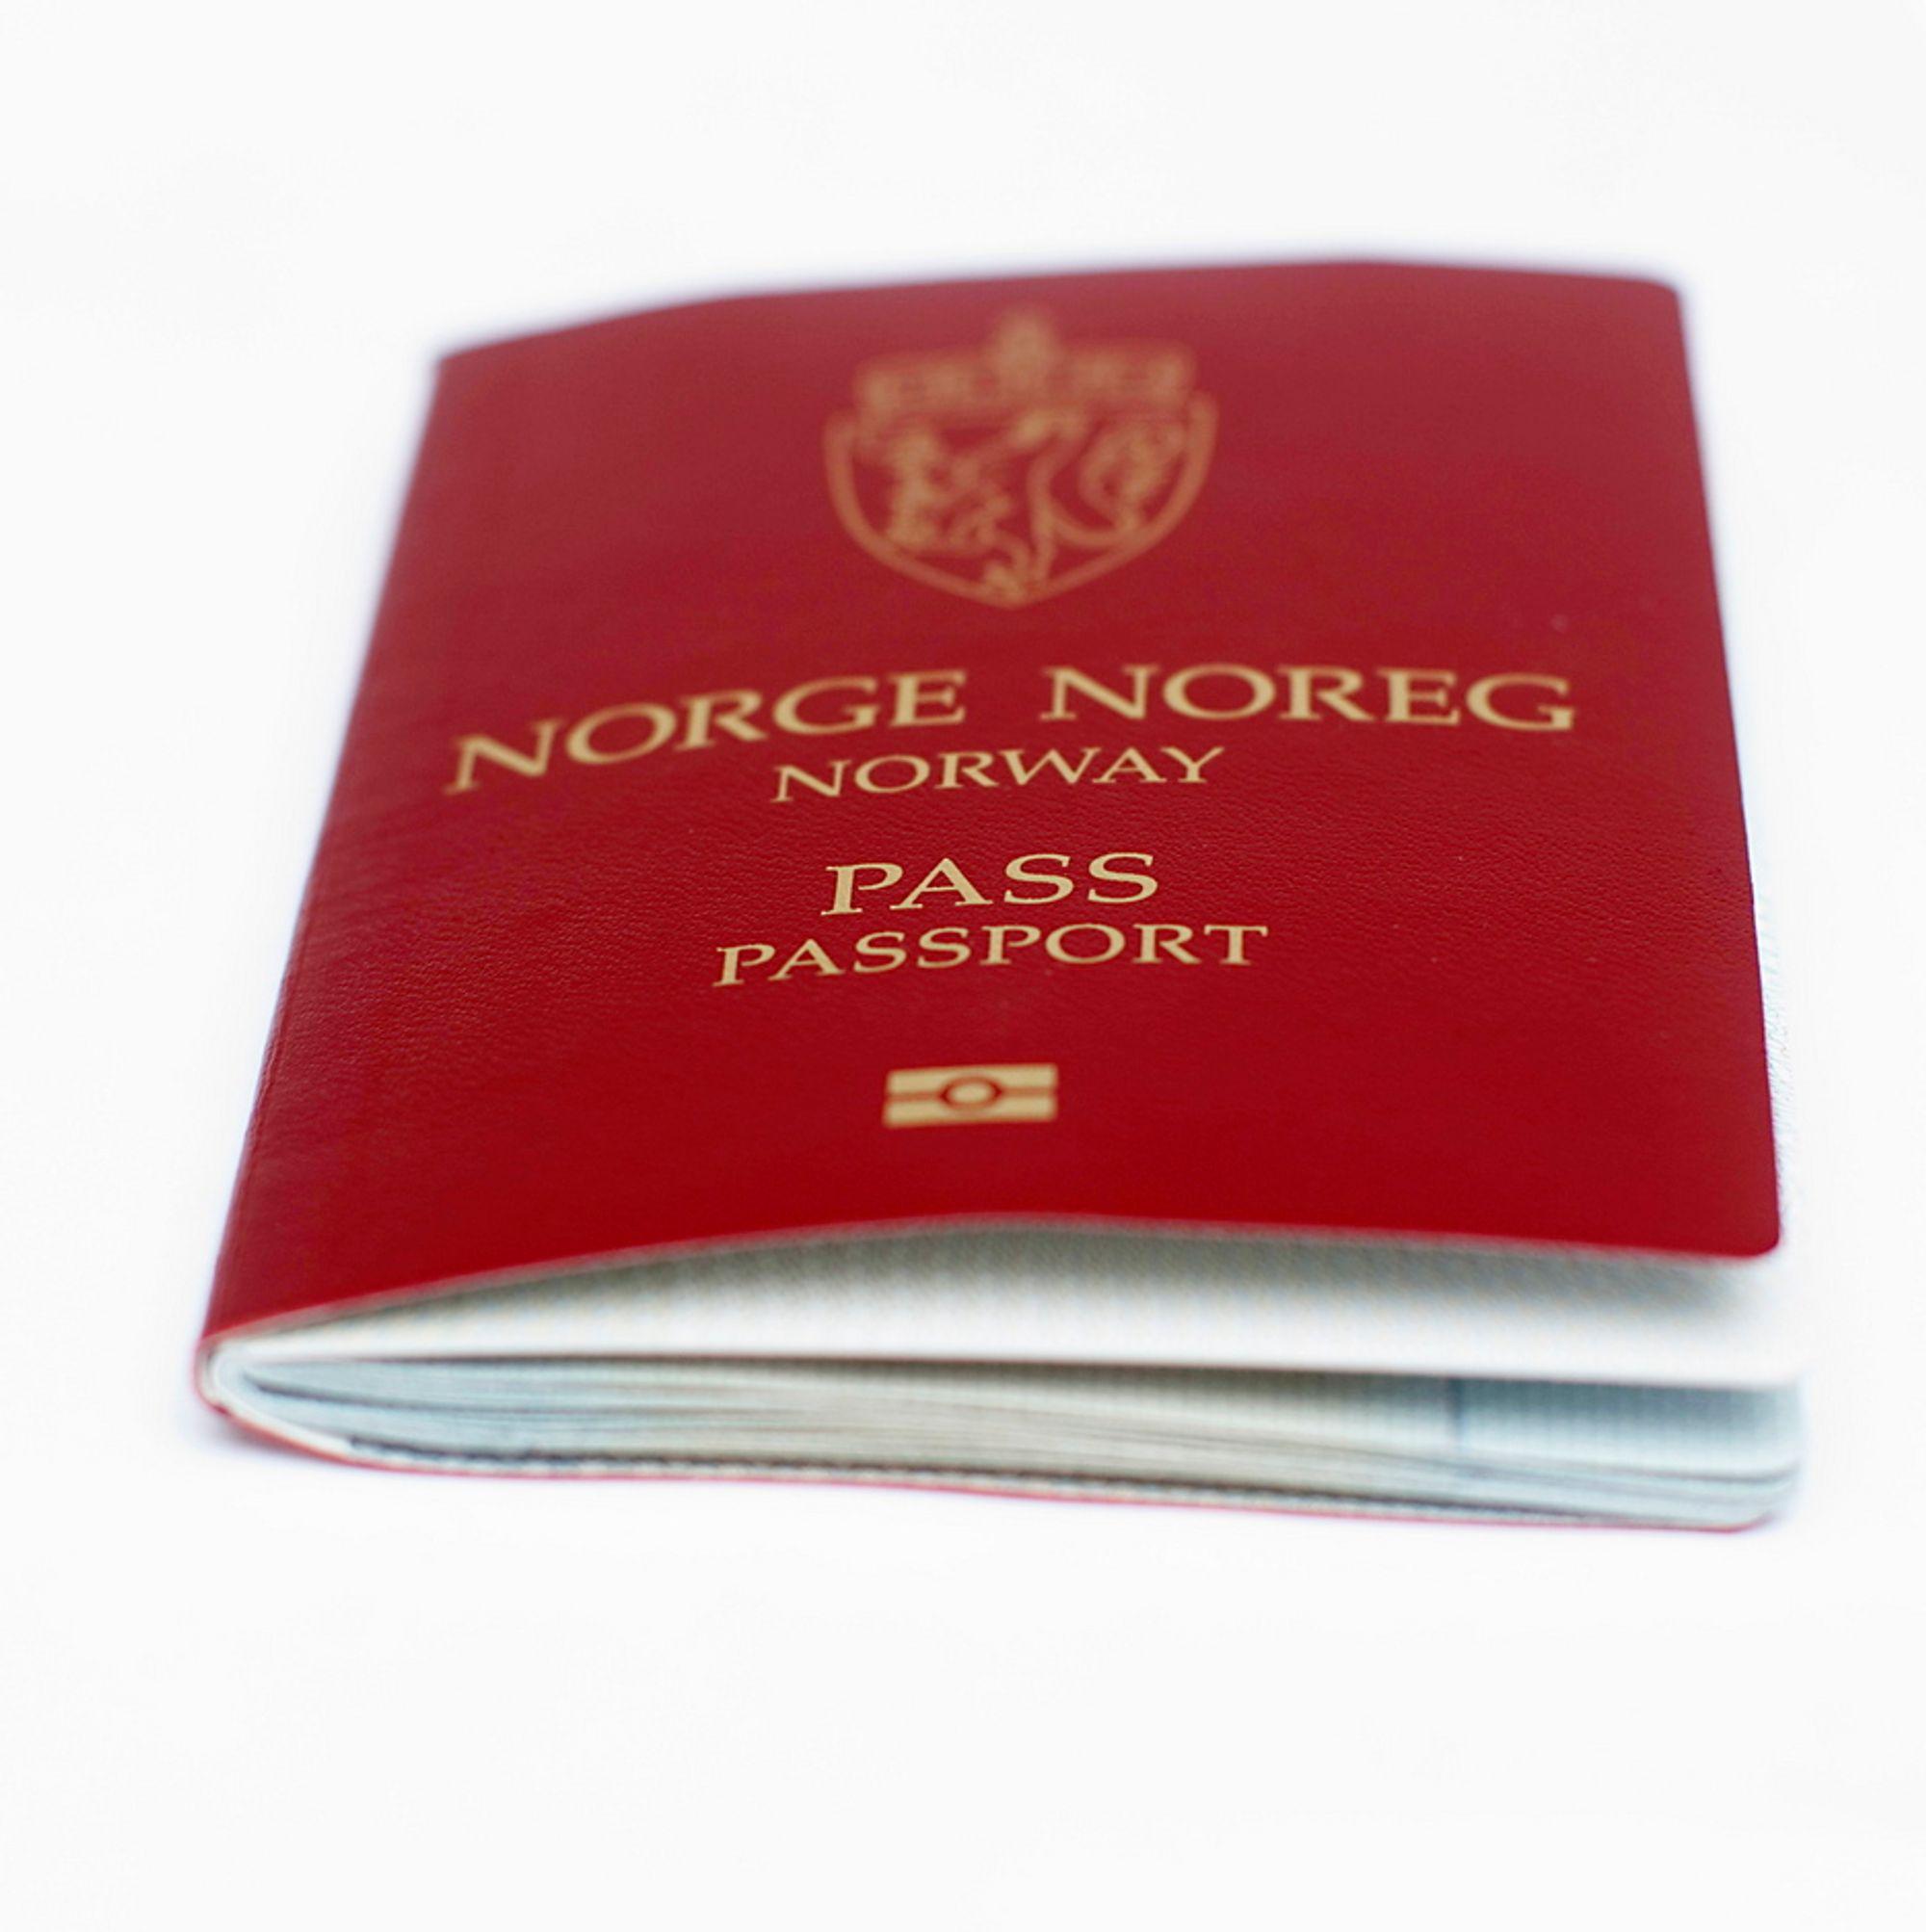 Politiet innfører lagring av fingeravtrykk i pass fra 6. april. Dette vil gjøre passene tryggere og vanskeligere å manipulere.